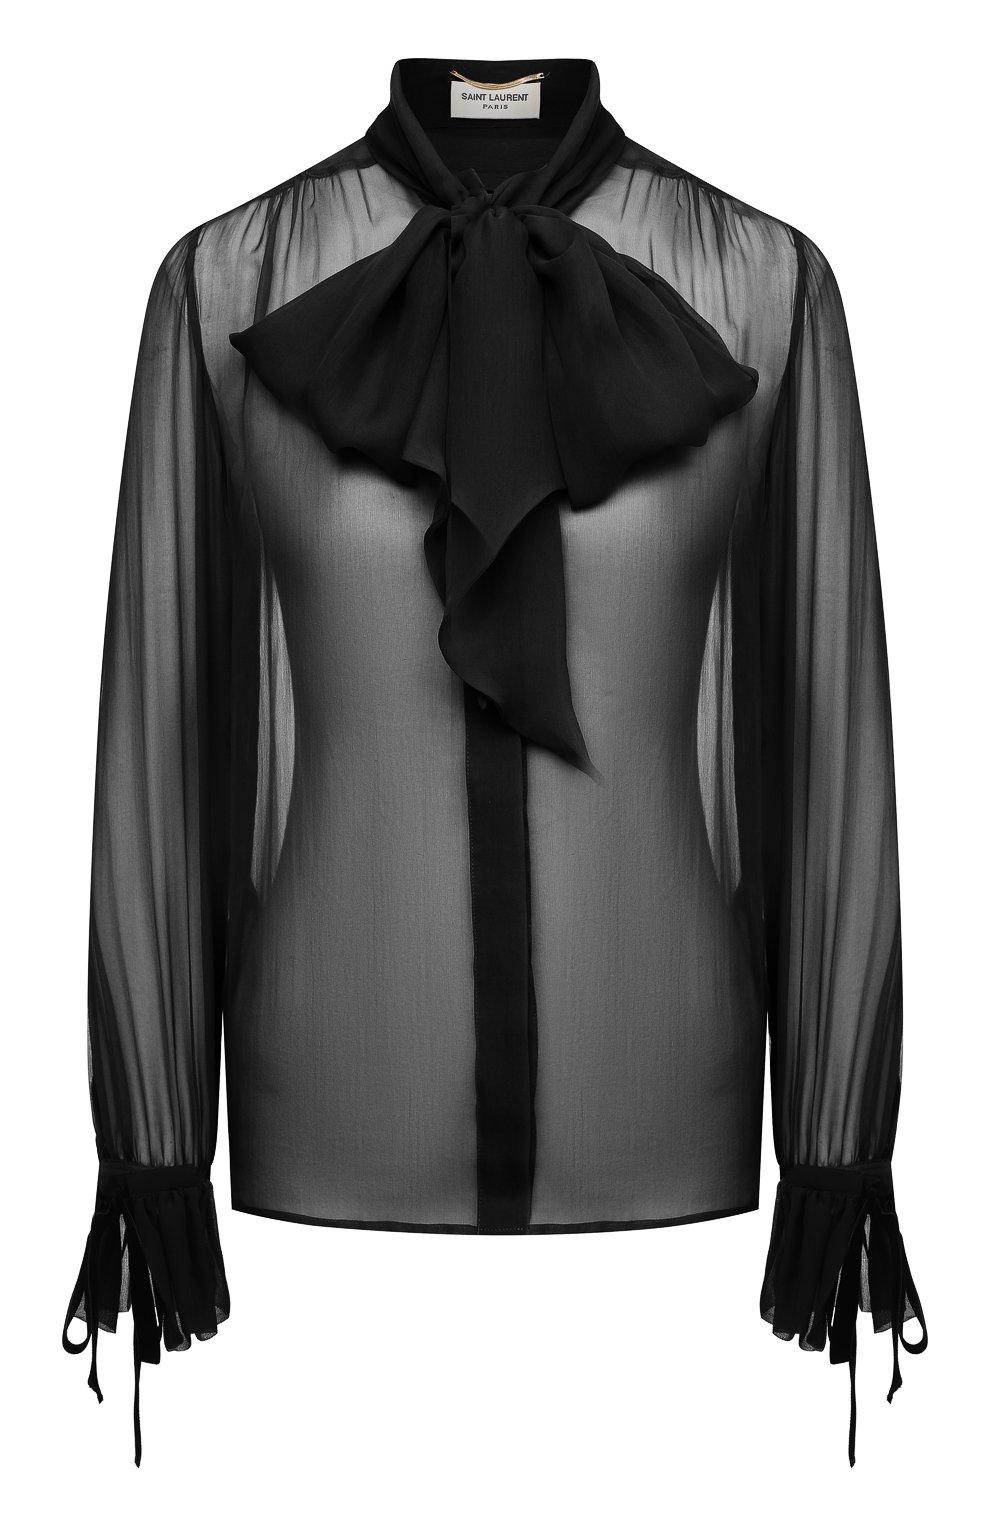 Женская шелковая блузка SAINT LAURENT черного цвета, арт. 642299/Y115W   Фото 1 (Материал внешний: Шелк; Рукава: Длинные; Принт: Без принта; Длина (для топов): Стандартные; Стили: Бохо, Романтичный; Женское Кросс-КТ: Блуза-одежда)